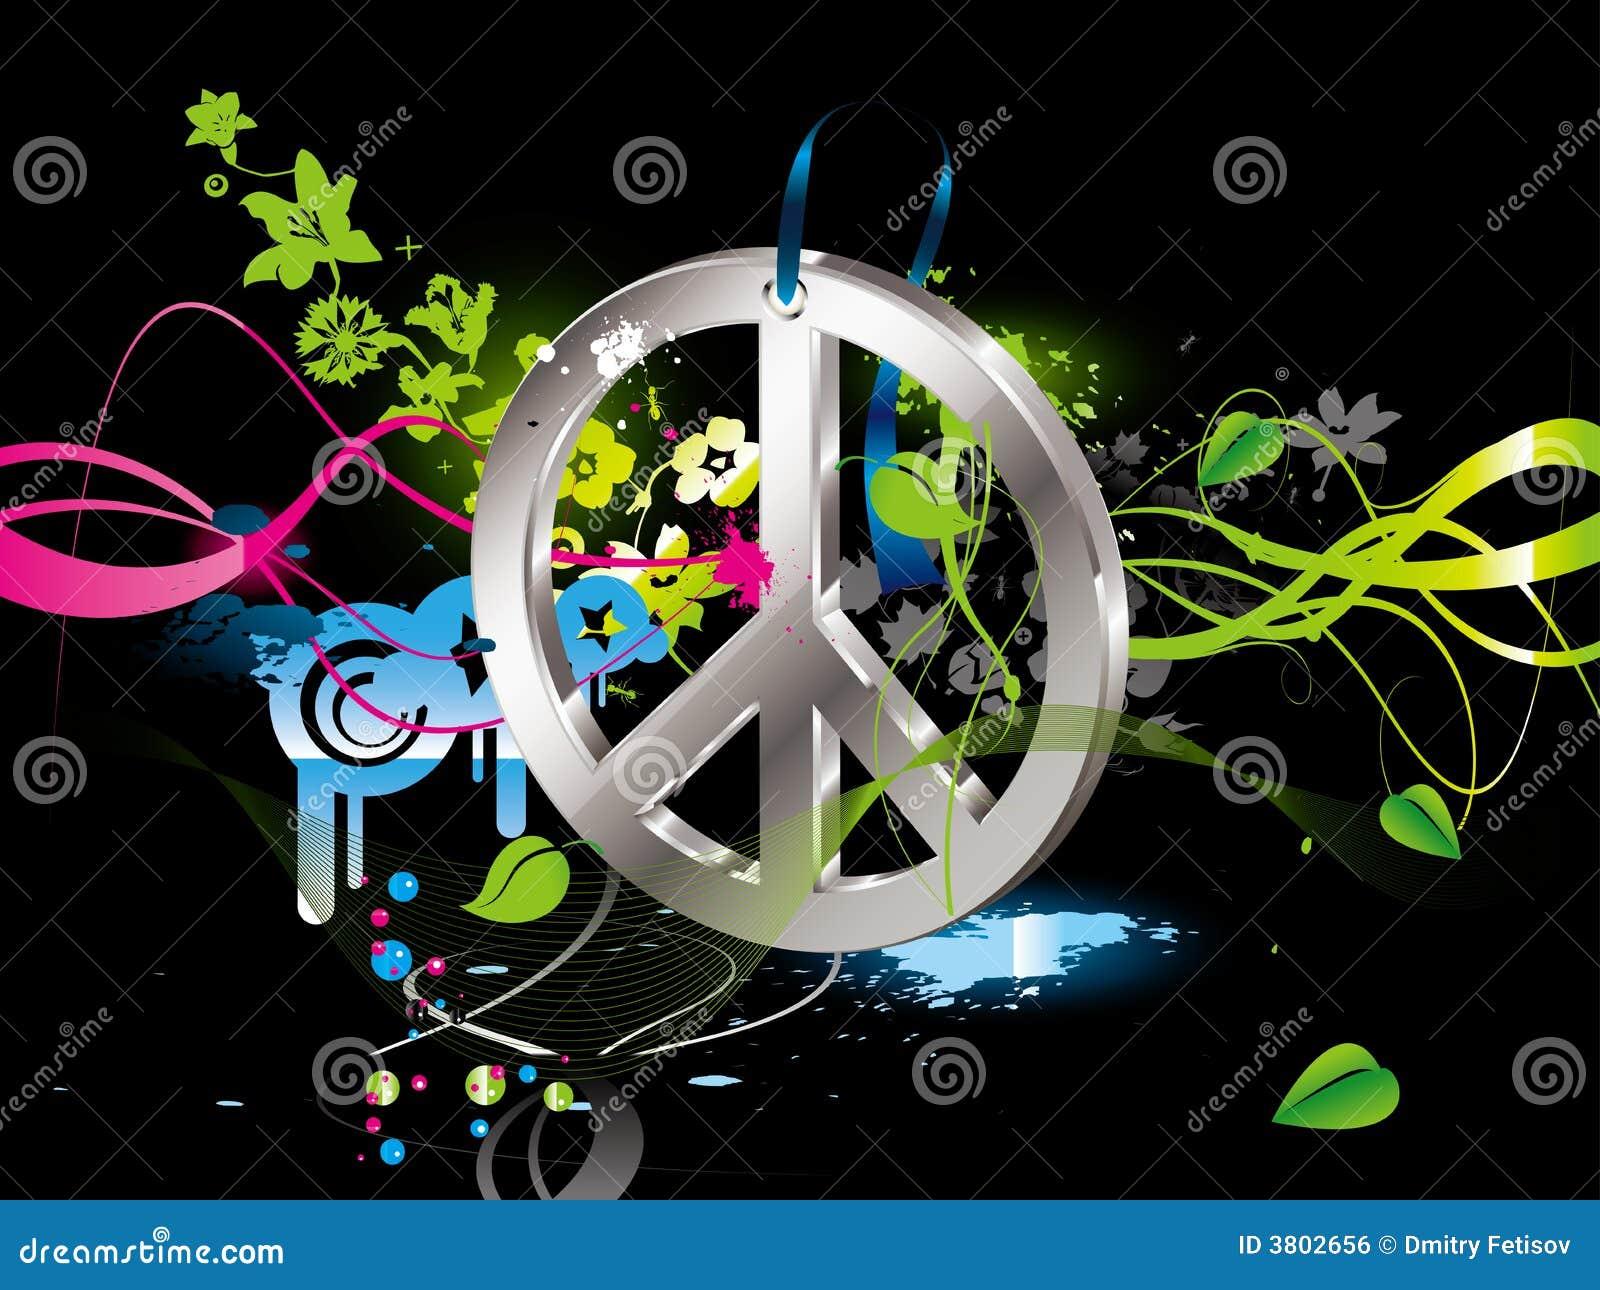 Simbolo Del Hippie Immagine Stock Libera Da Diritti